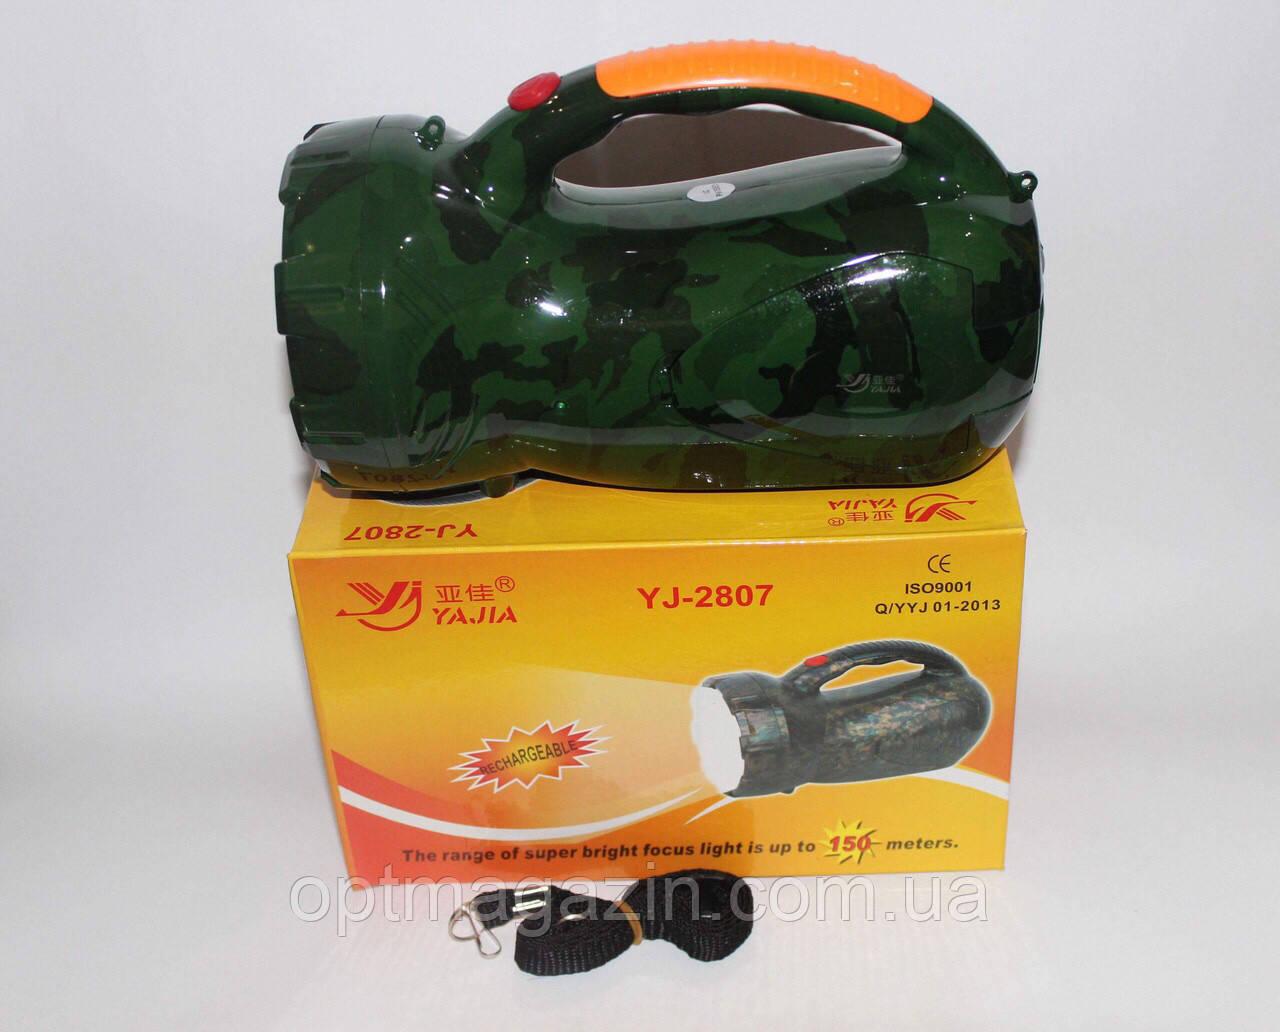 Фонарь светодиодный Yj-2807 22LED